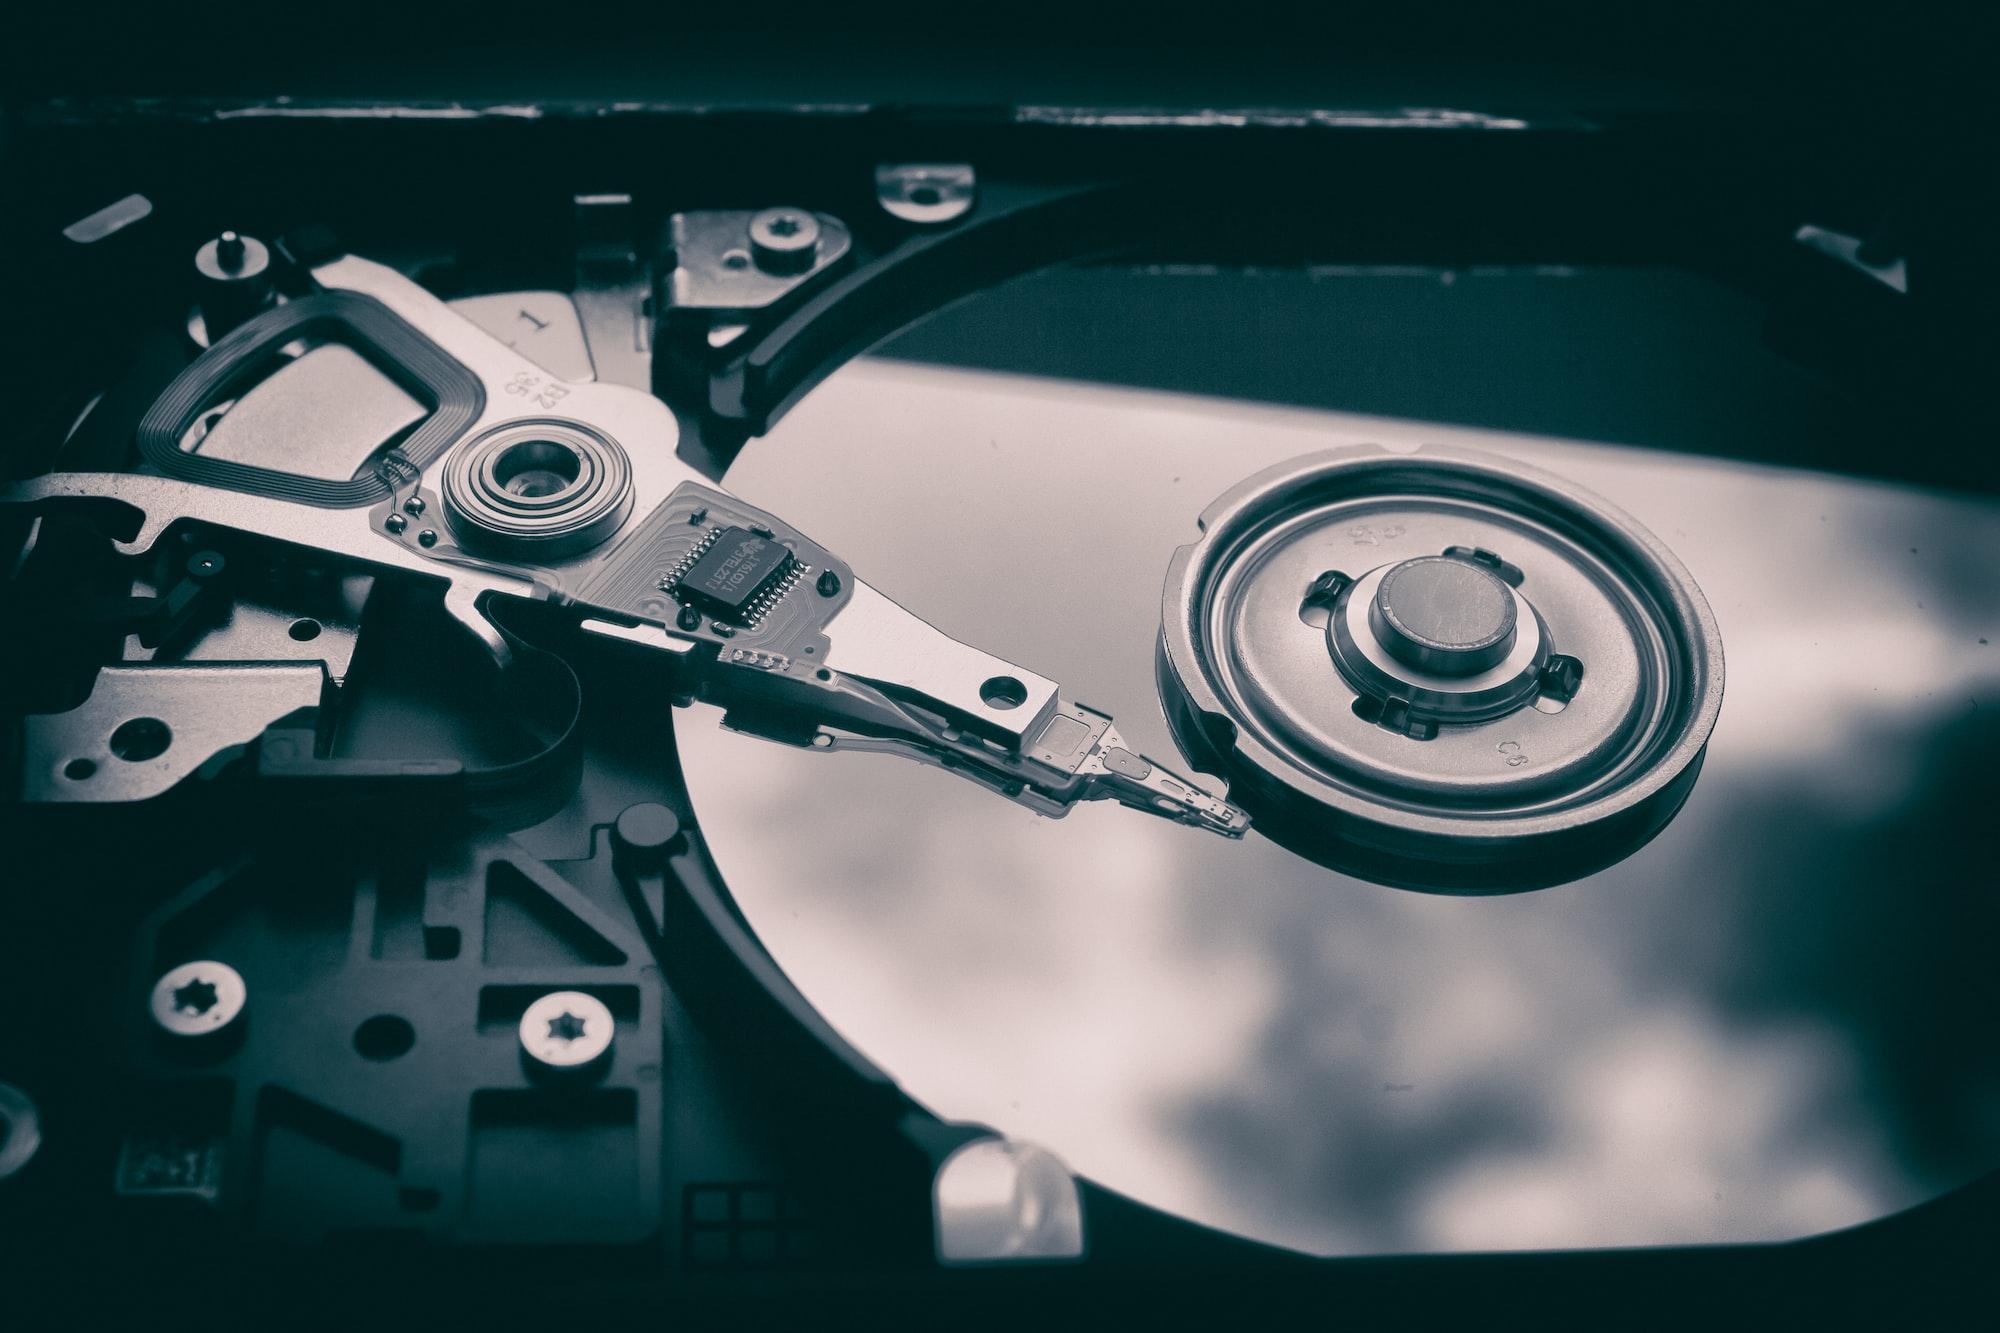 Ubuntu Server - Speicherplatz der Festplatte erweitern